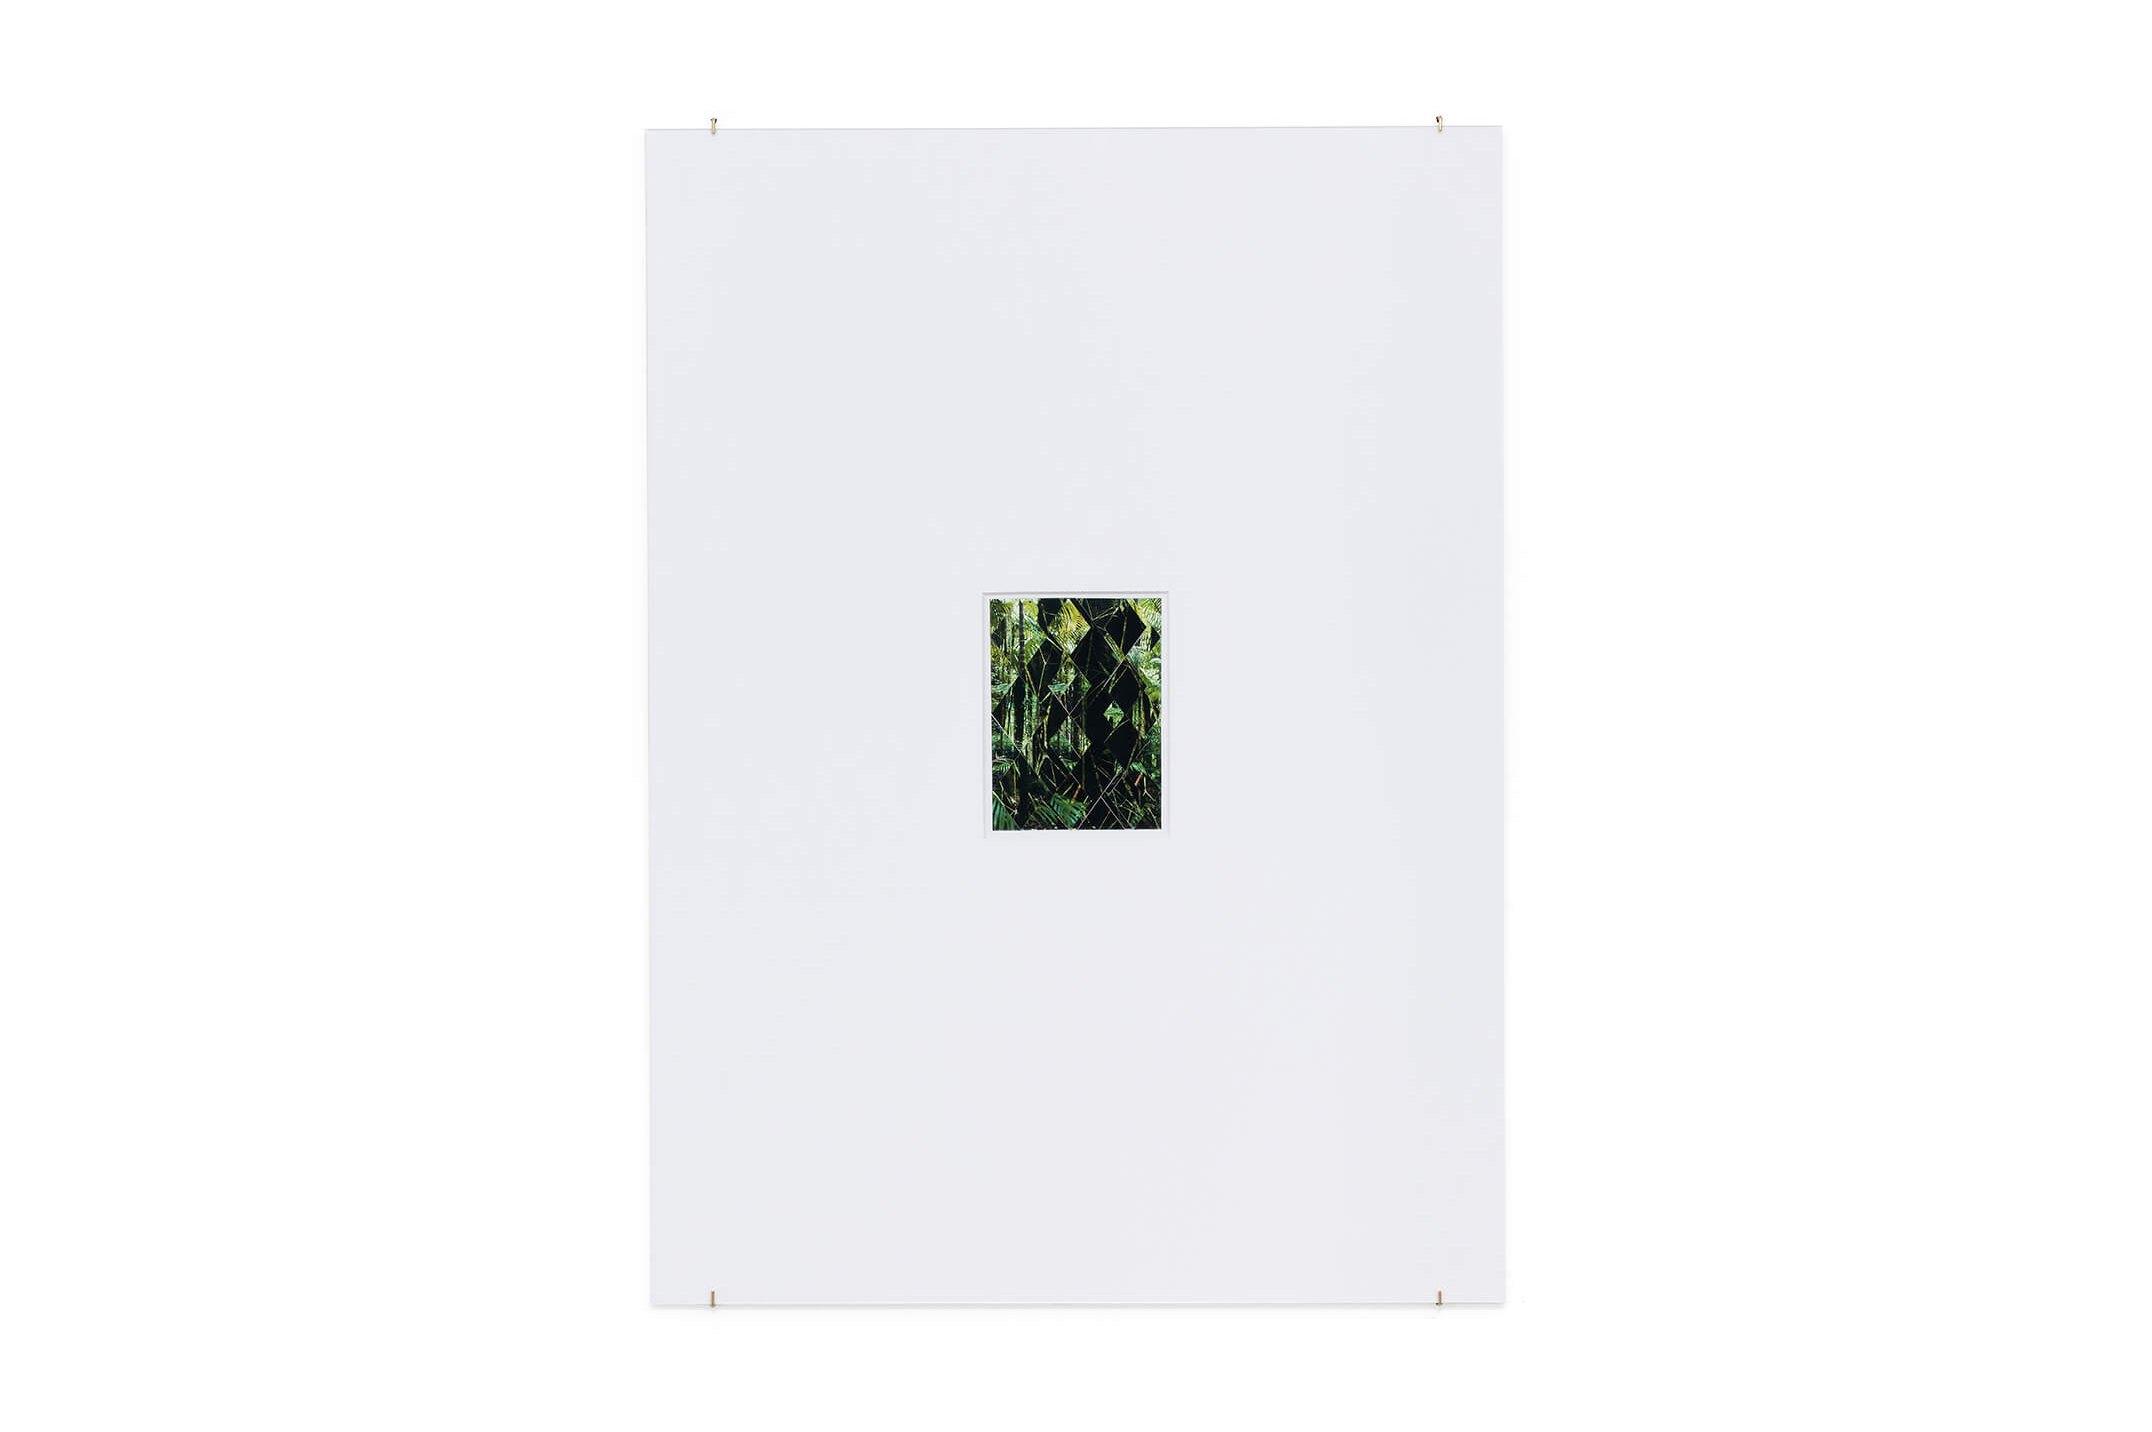 Daniel Steegmann Mangané,&nbsp;<em>Kiti Ka'aetê</em>,&nbsp;2009,&nbsp;photographic collages, 18,3 × 13 cm - Mendes Wood DM